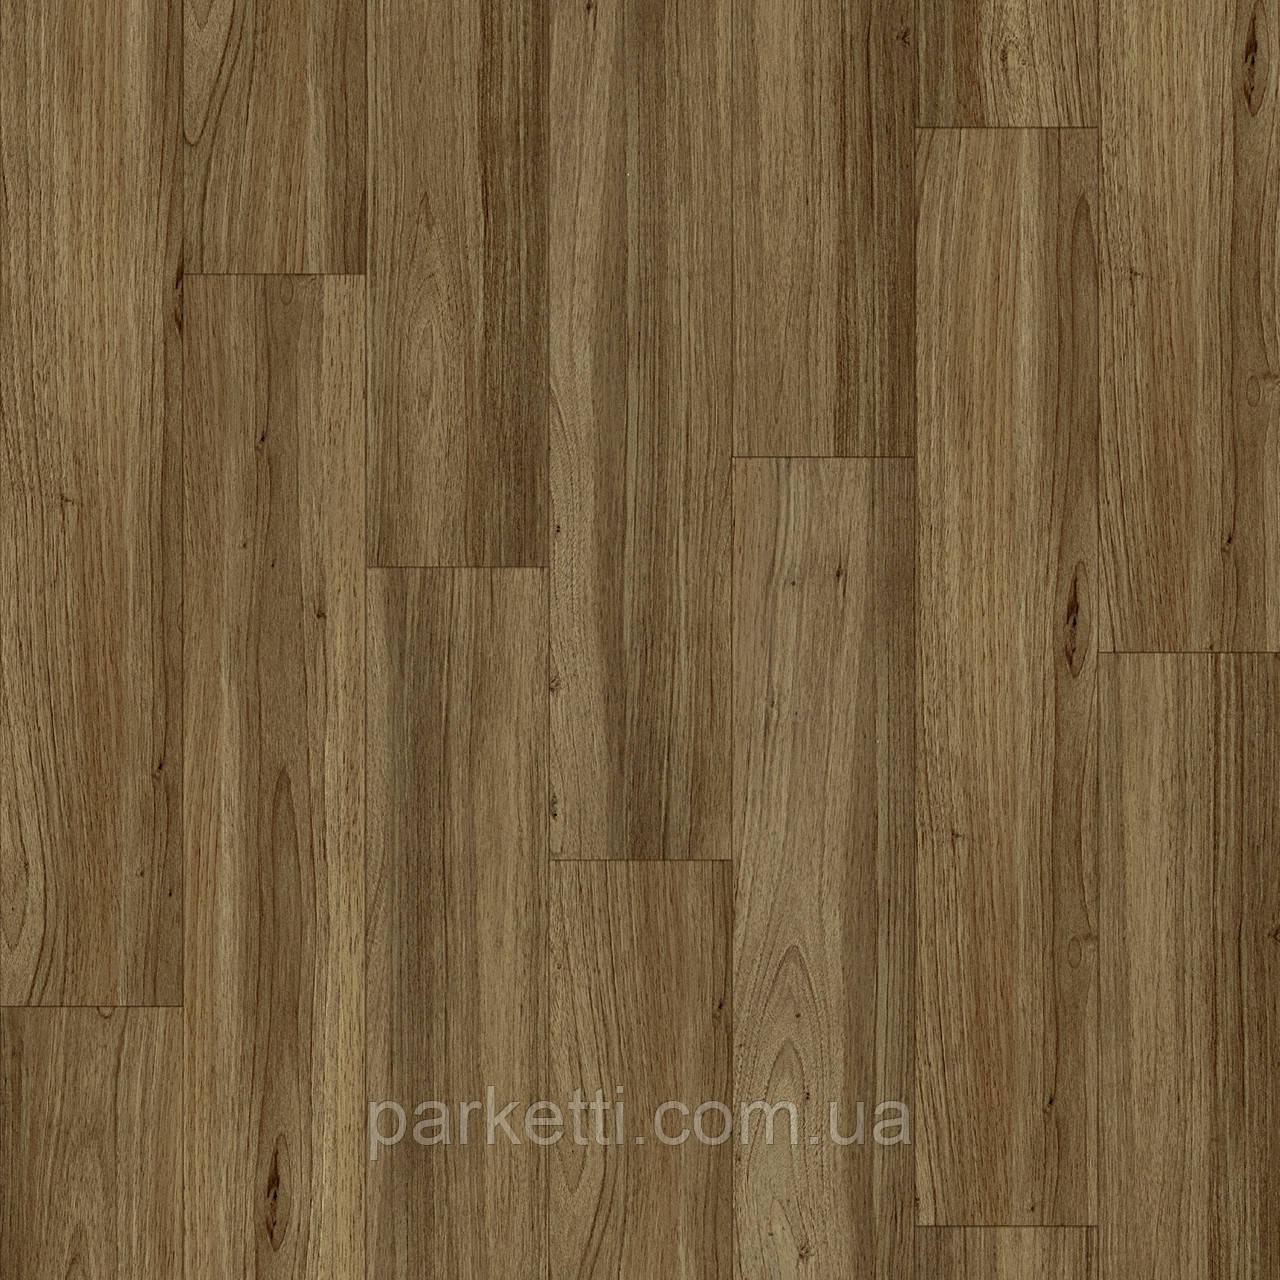 DLW 24041-147 Classic Walnutgrey brown виниловая плитка Scala 40 - Parketti - паркет, паркетная доска, массив, ламинат, линолеум, ковролин, террасная доска в Украине в Харькове